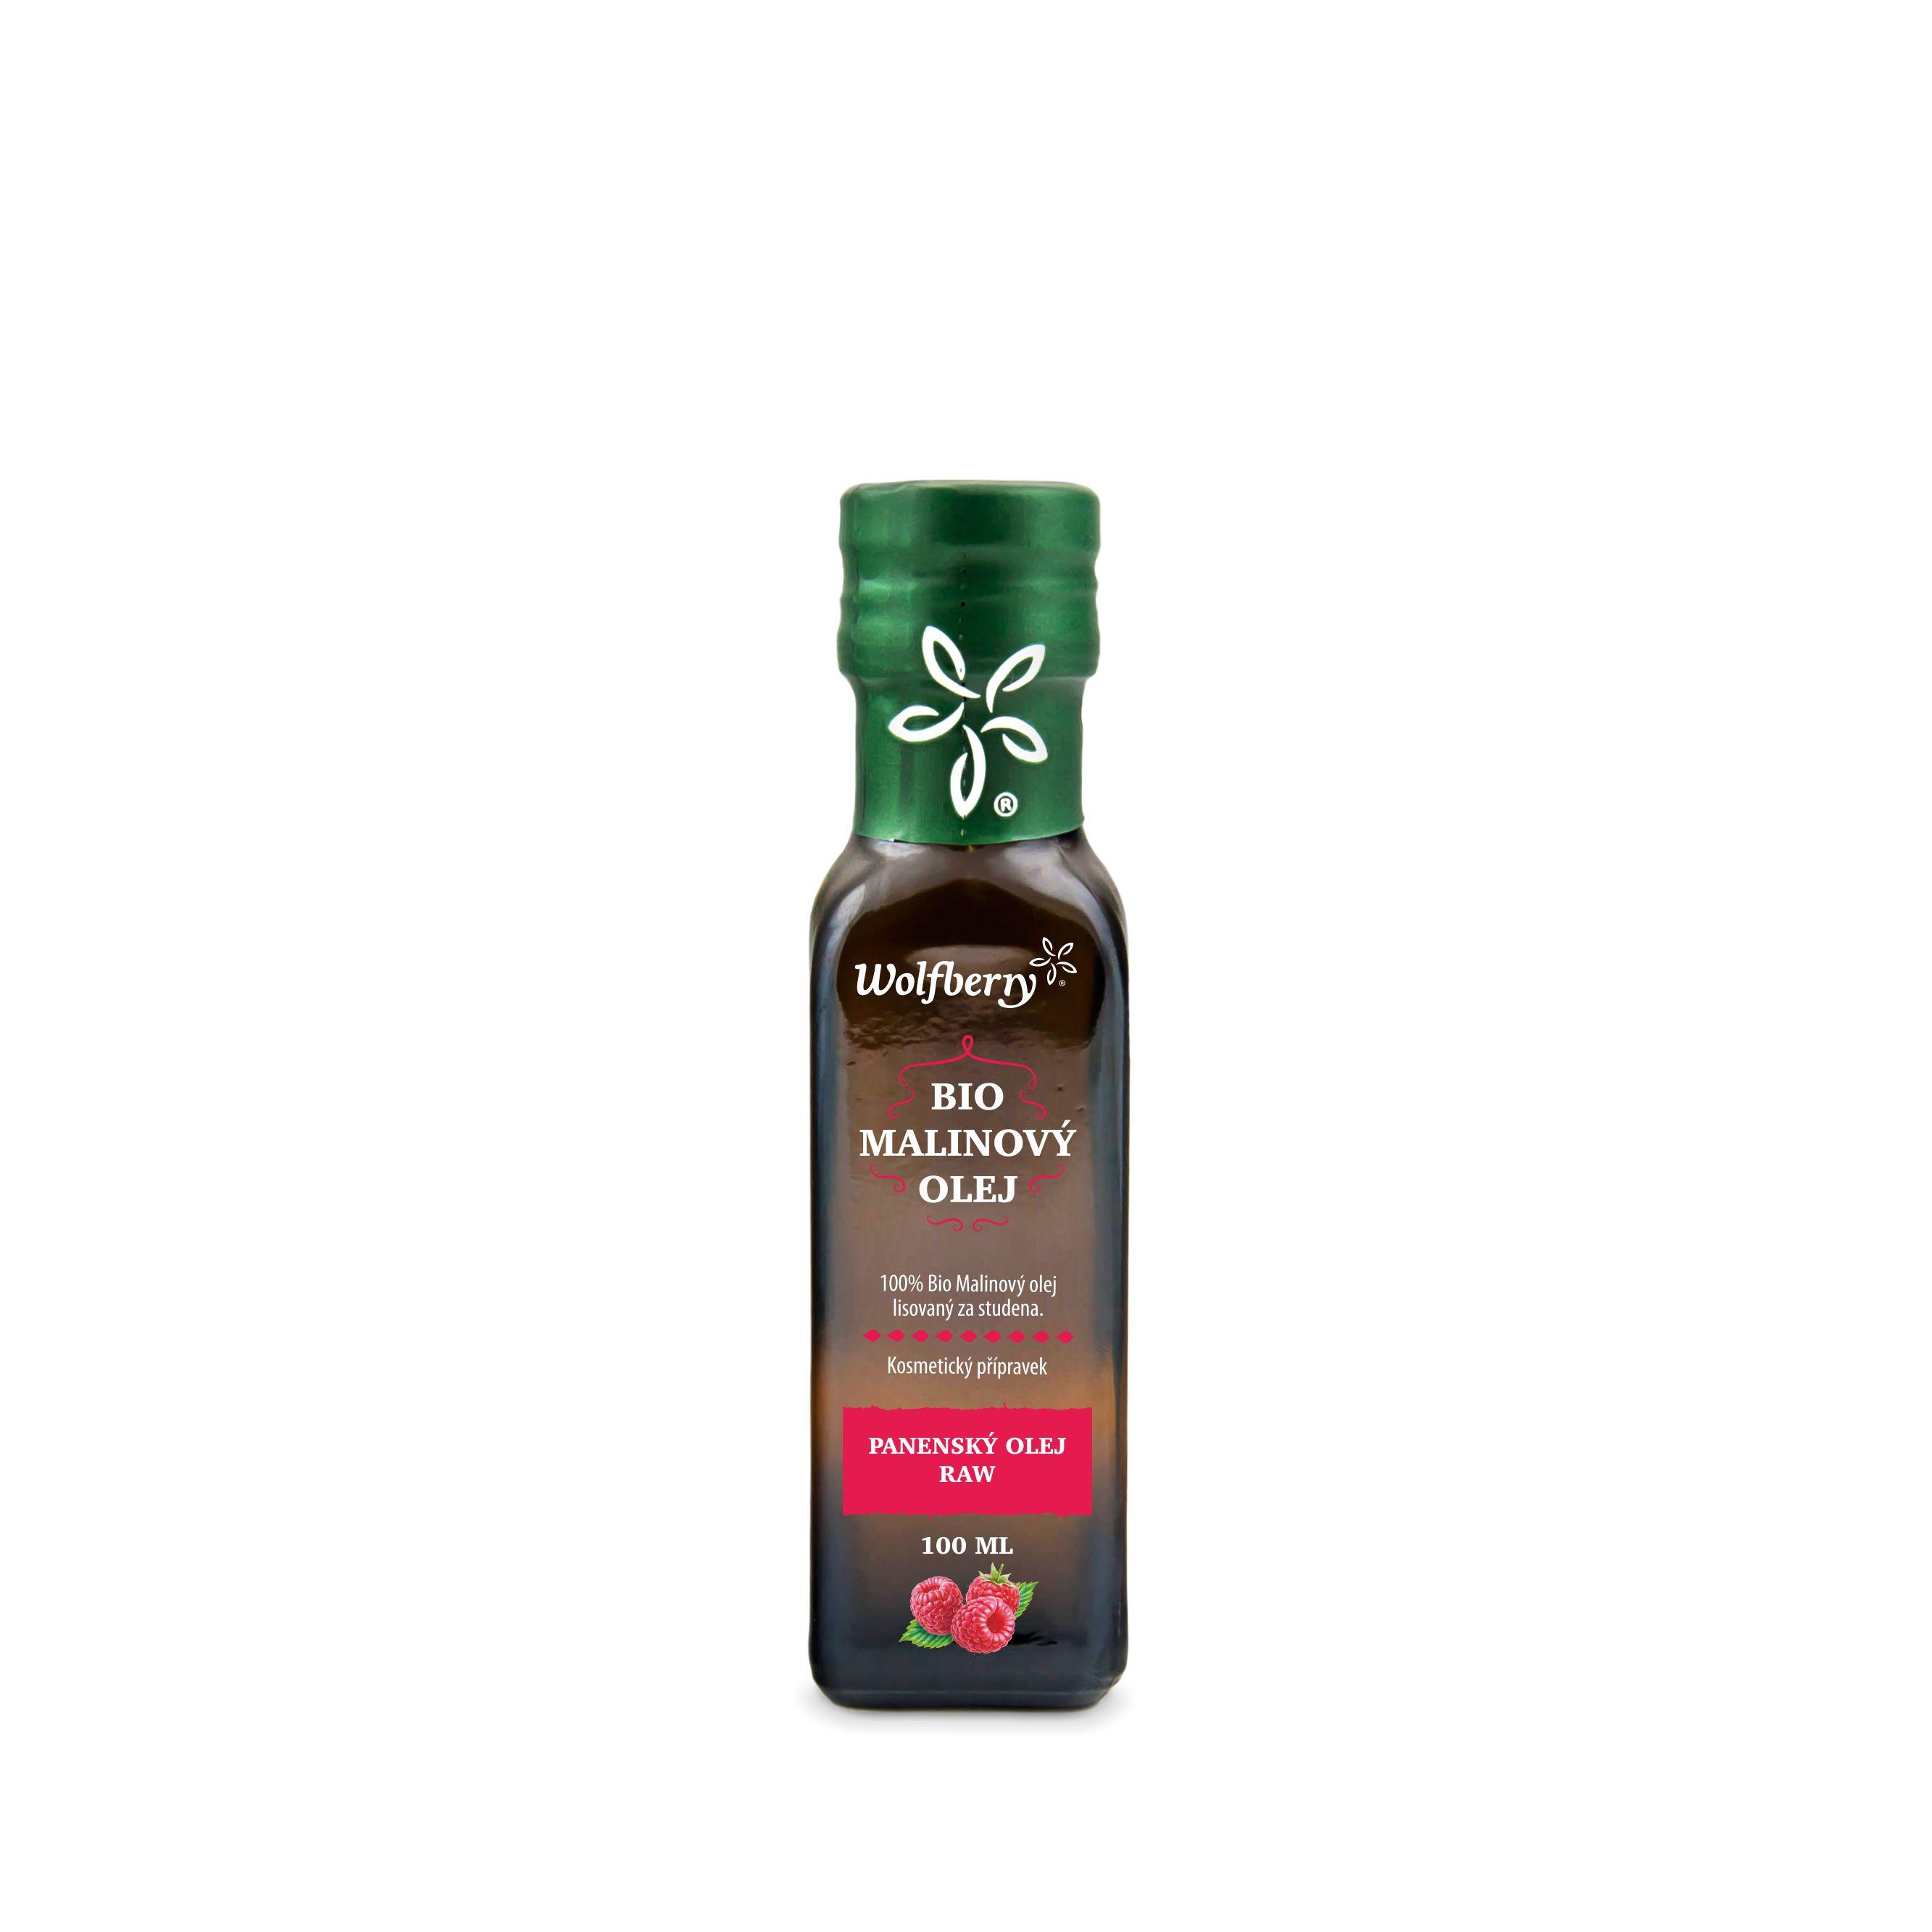 Wolfberry WF Malinový olej BIO 100 ml Wolfberry * 100ml